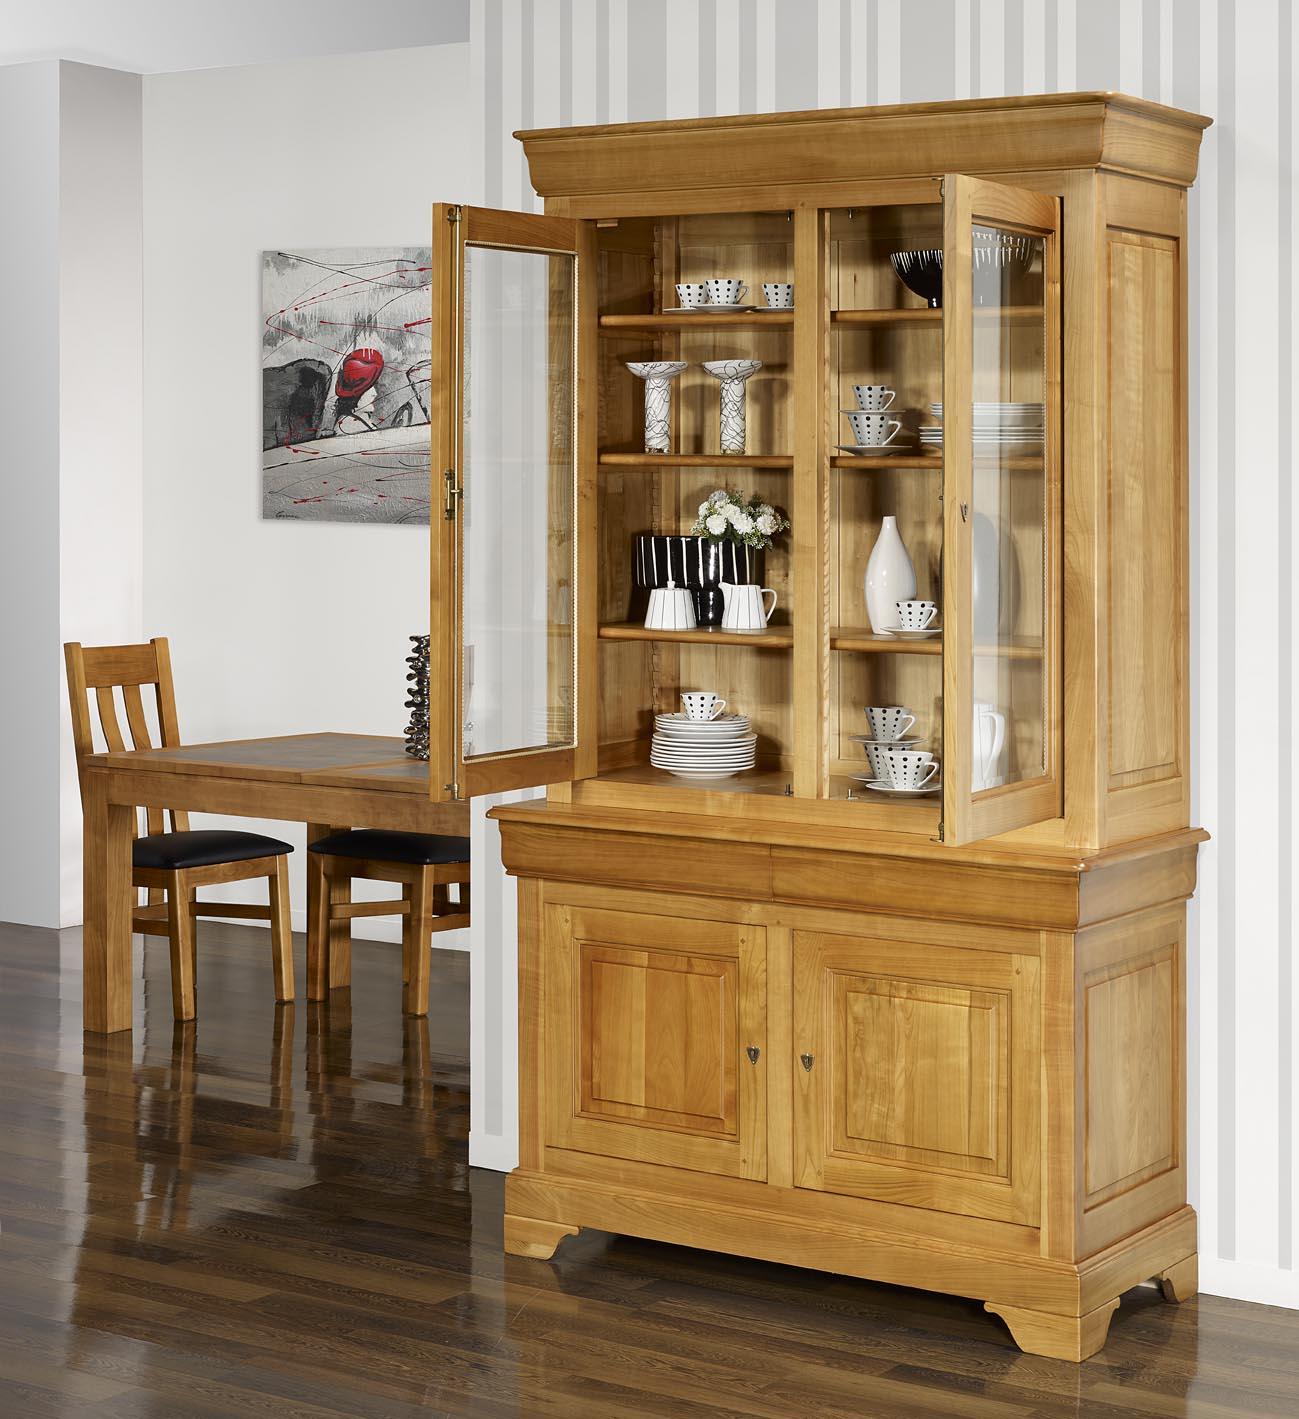 Vaisselier 2 corps 2 portes le en merisier massif de style louis philippe meuble en merisier - Meuble merisier style louis philippe ...